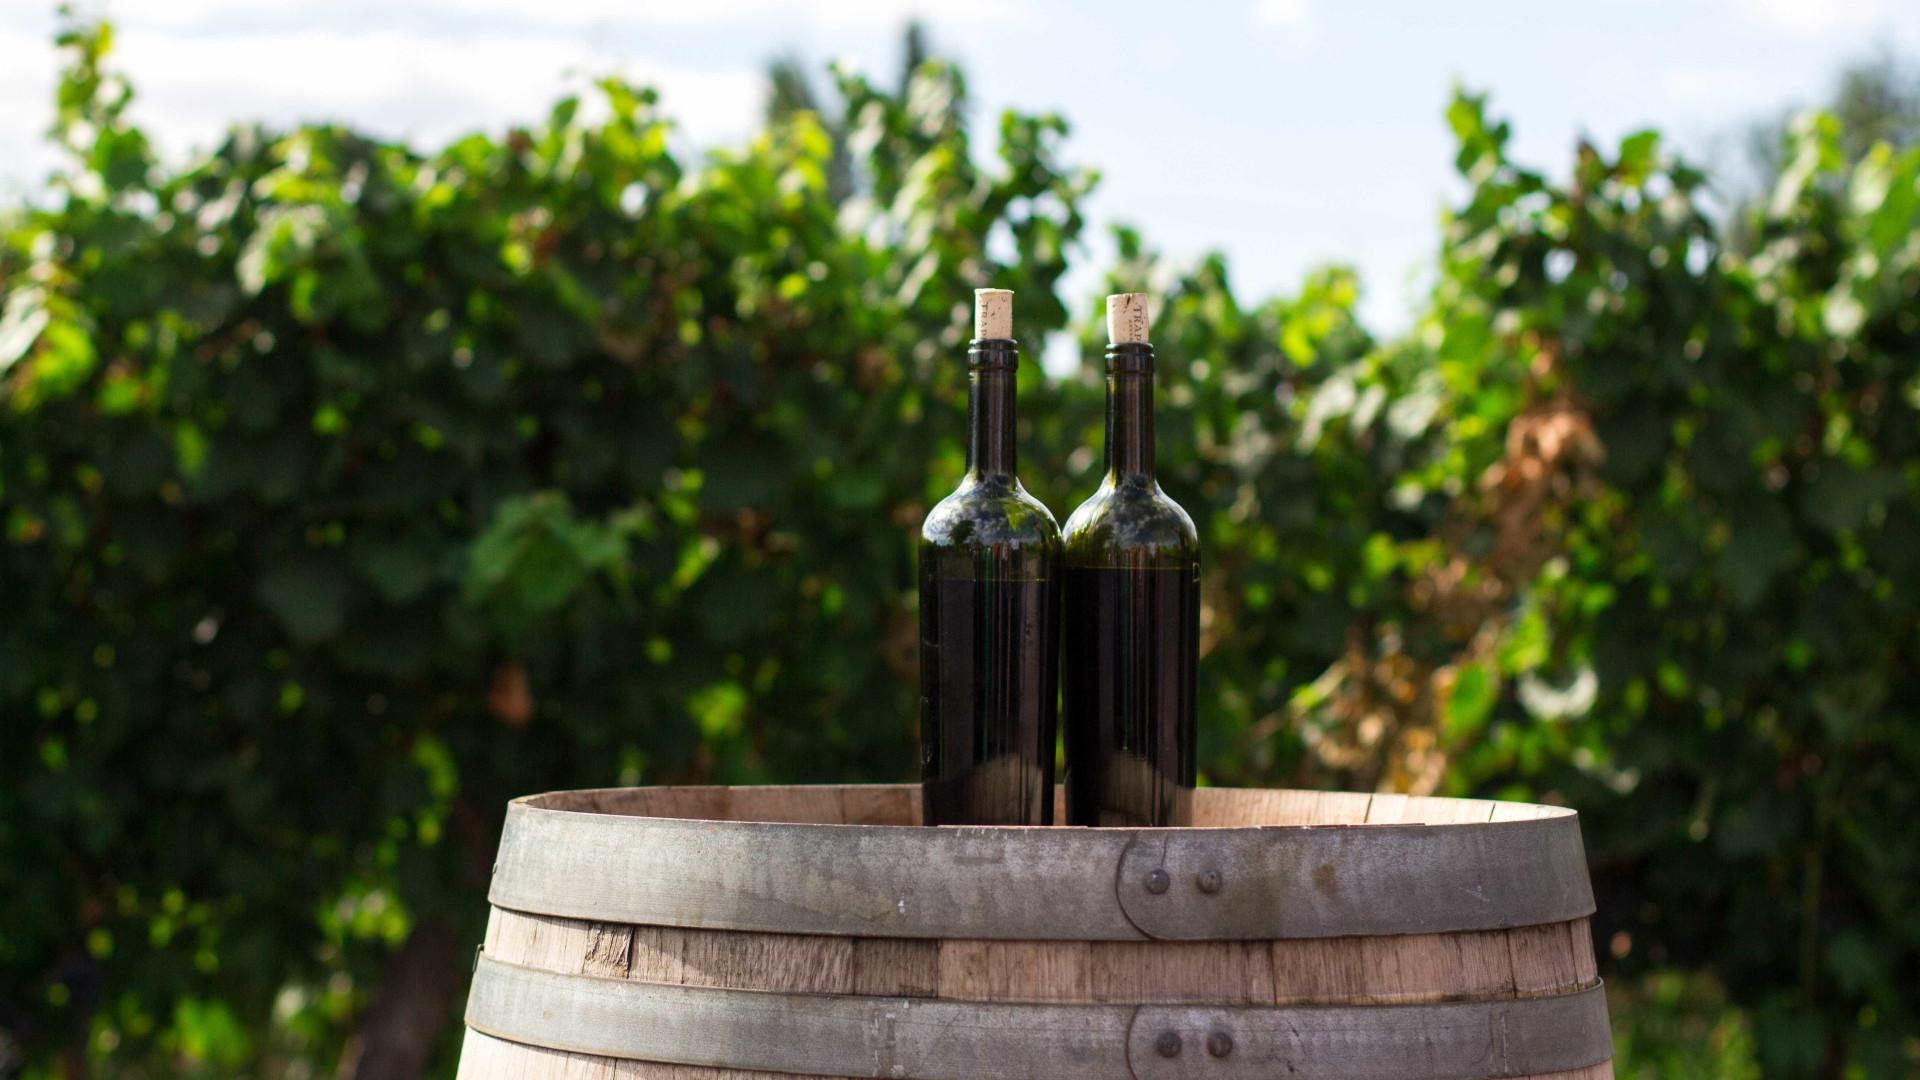 Polícia Federal recupera vinhos furtados do Itamaraty avaliados em R$ 57,6 mil